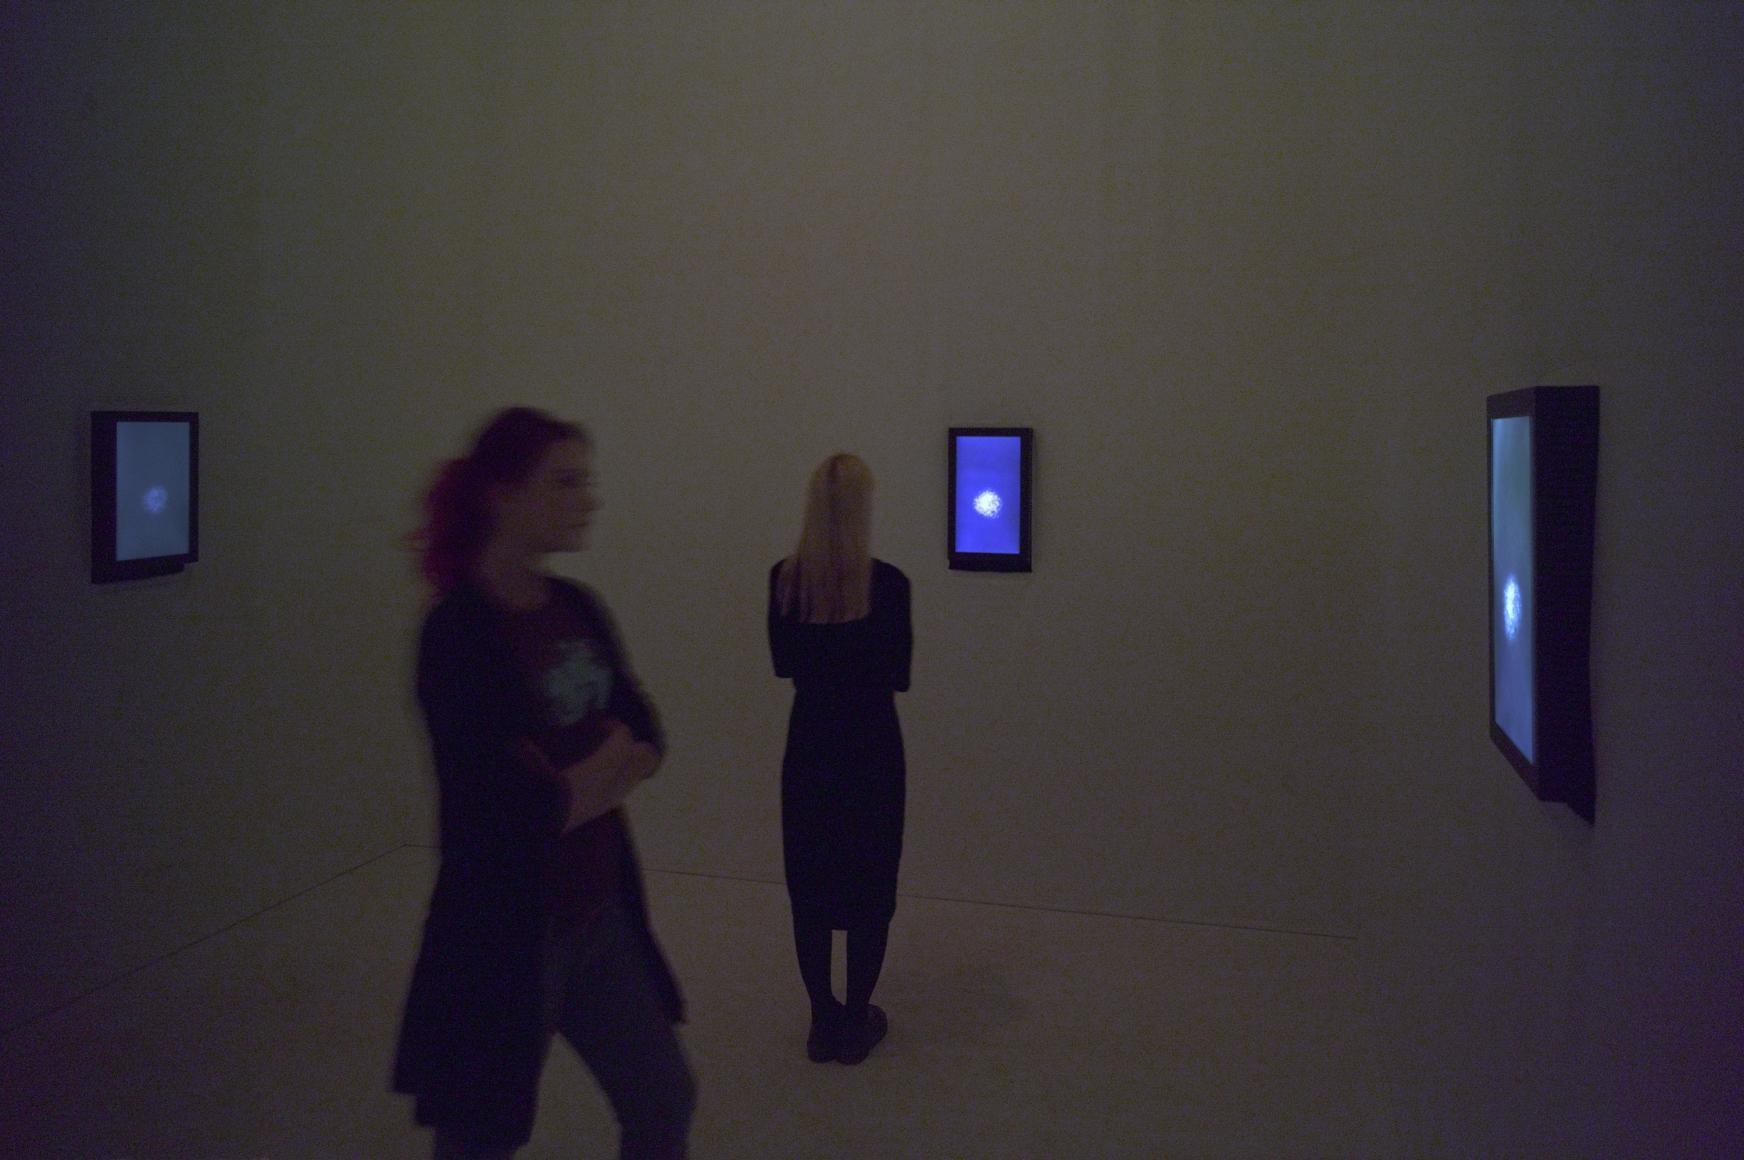 SHIRAZEH HOUSHIARY Breath,2003